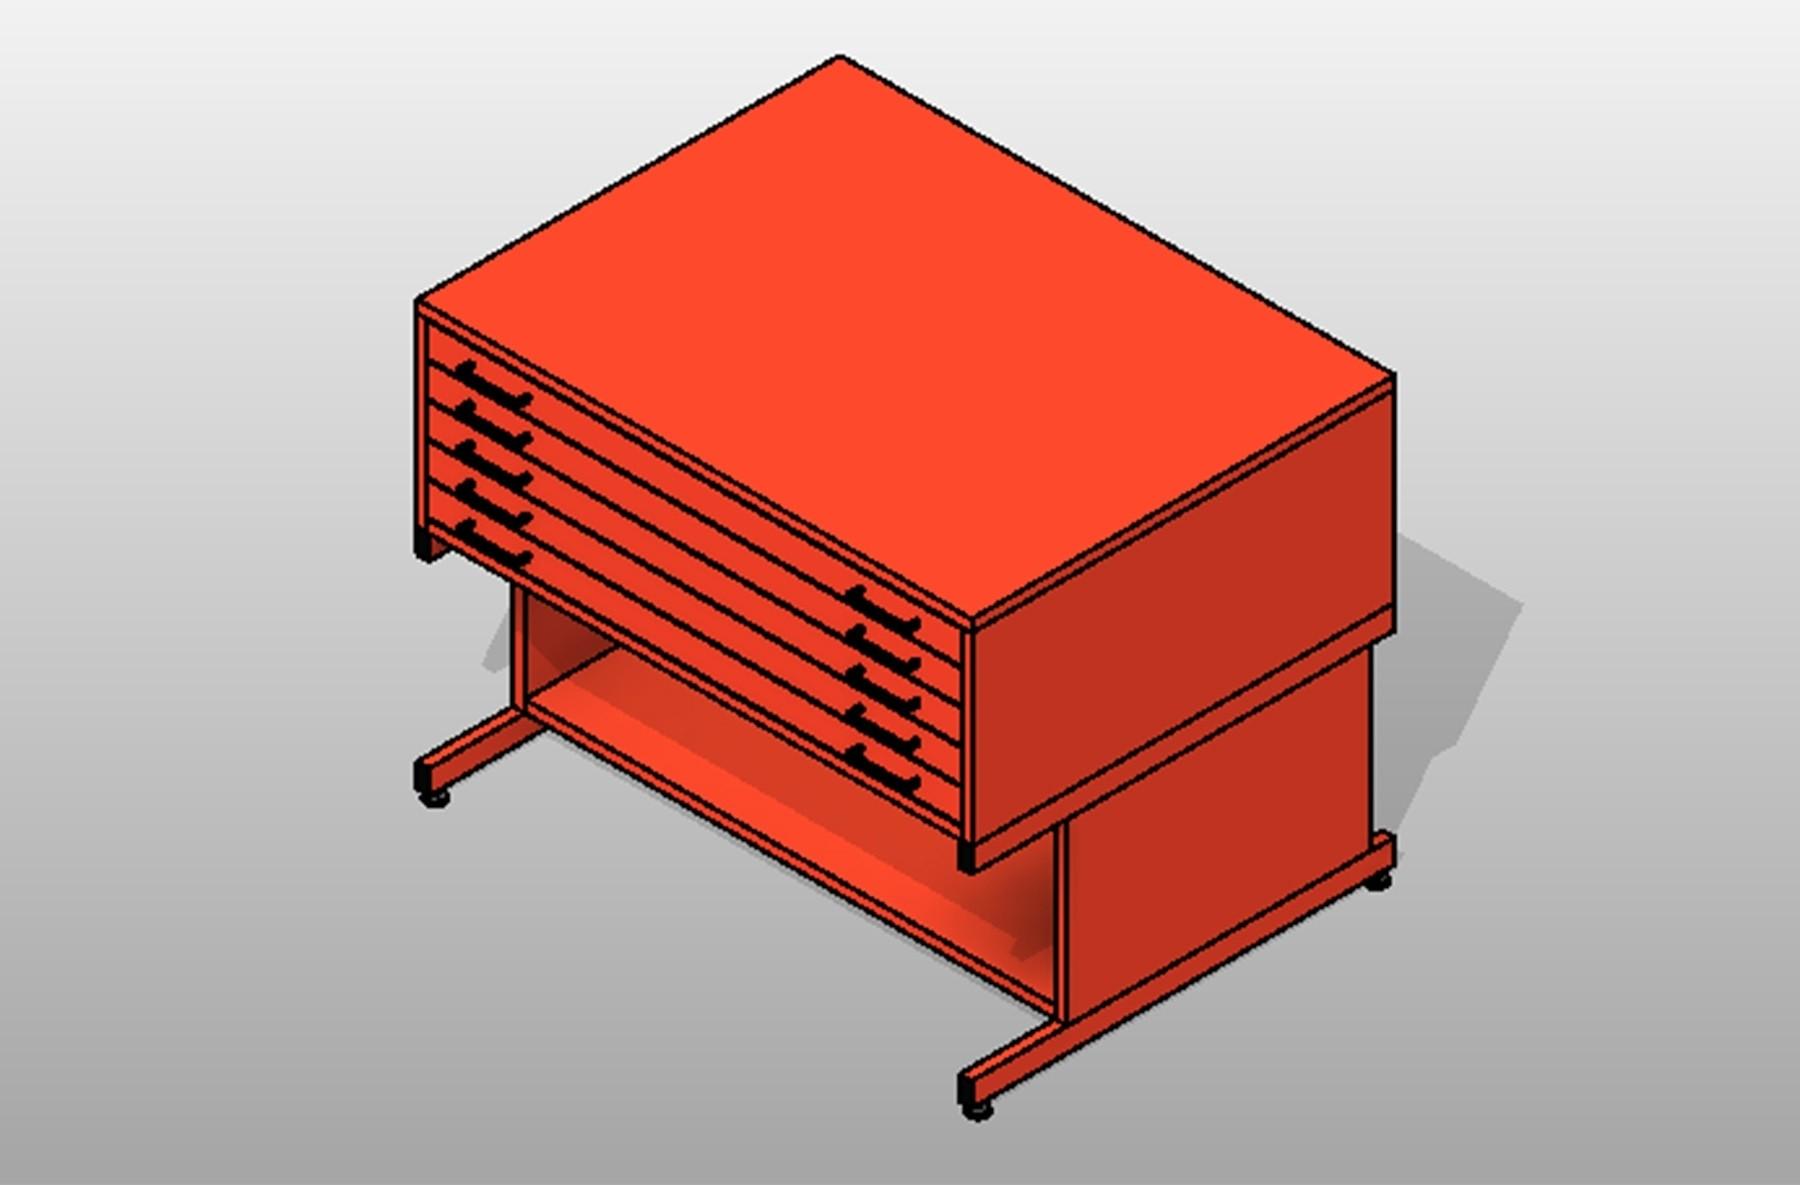 Powder Coated Steel Flat Drawers Blueprint Storage High Base 5 Shelves Large